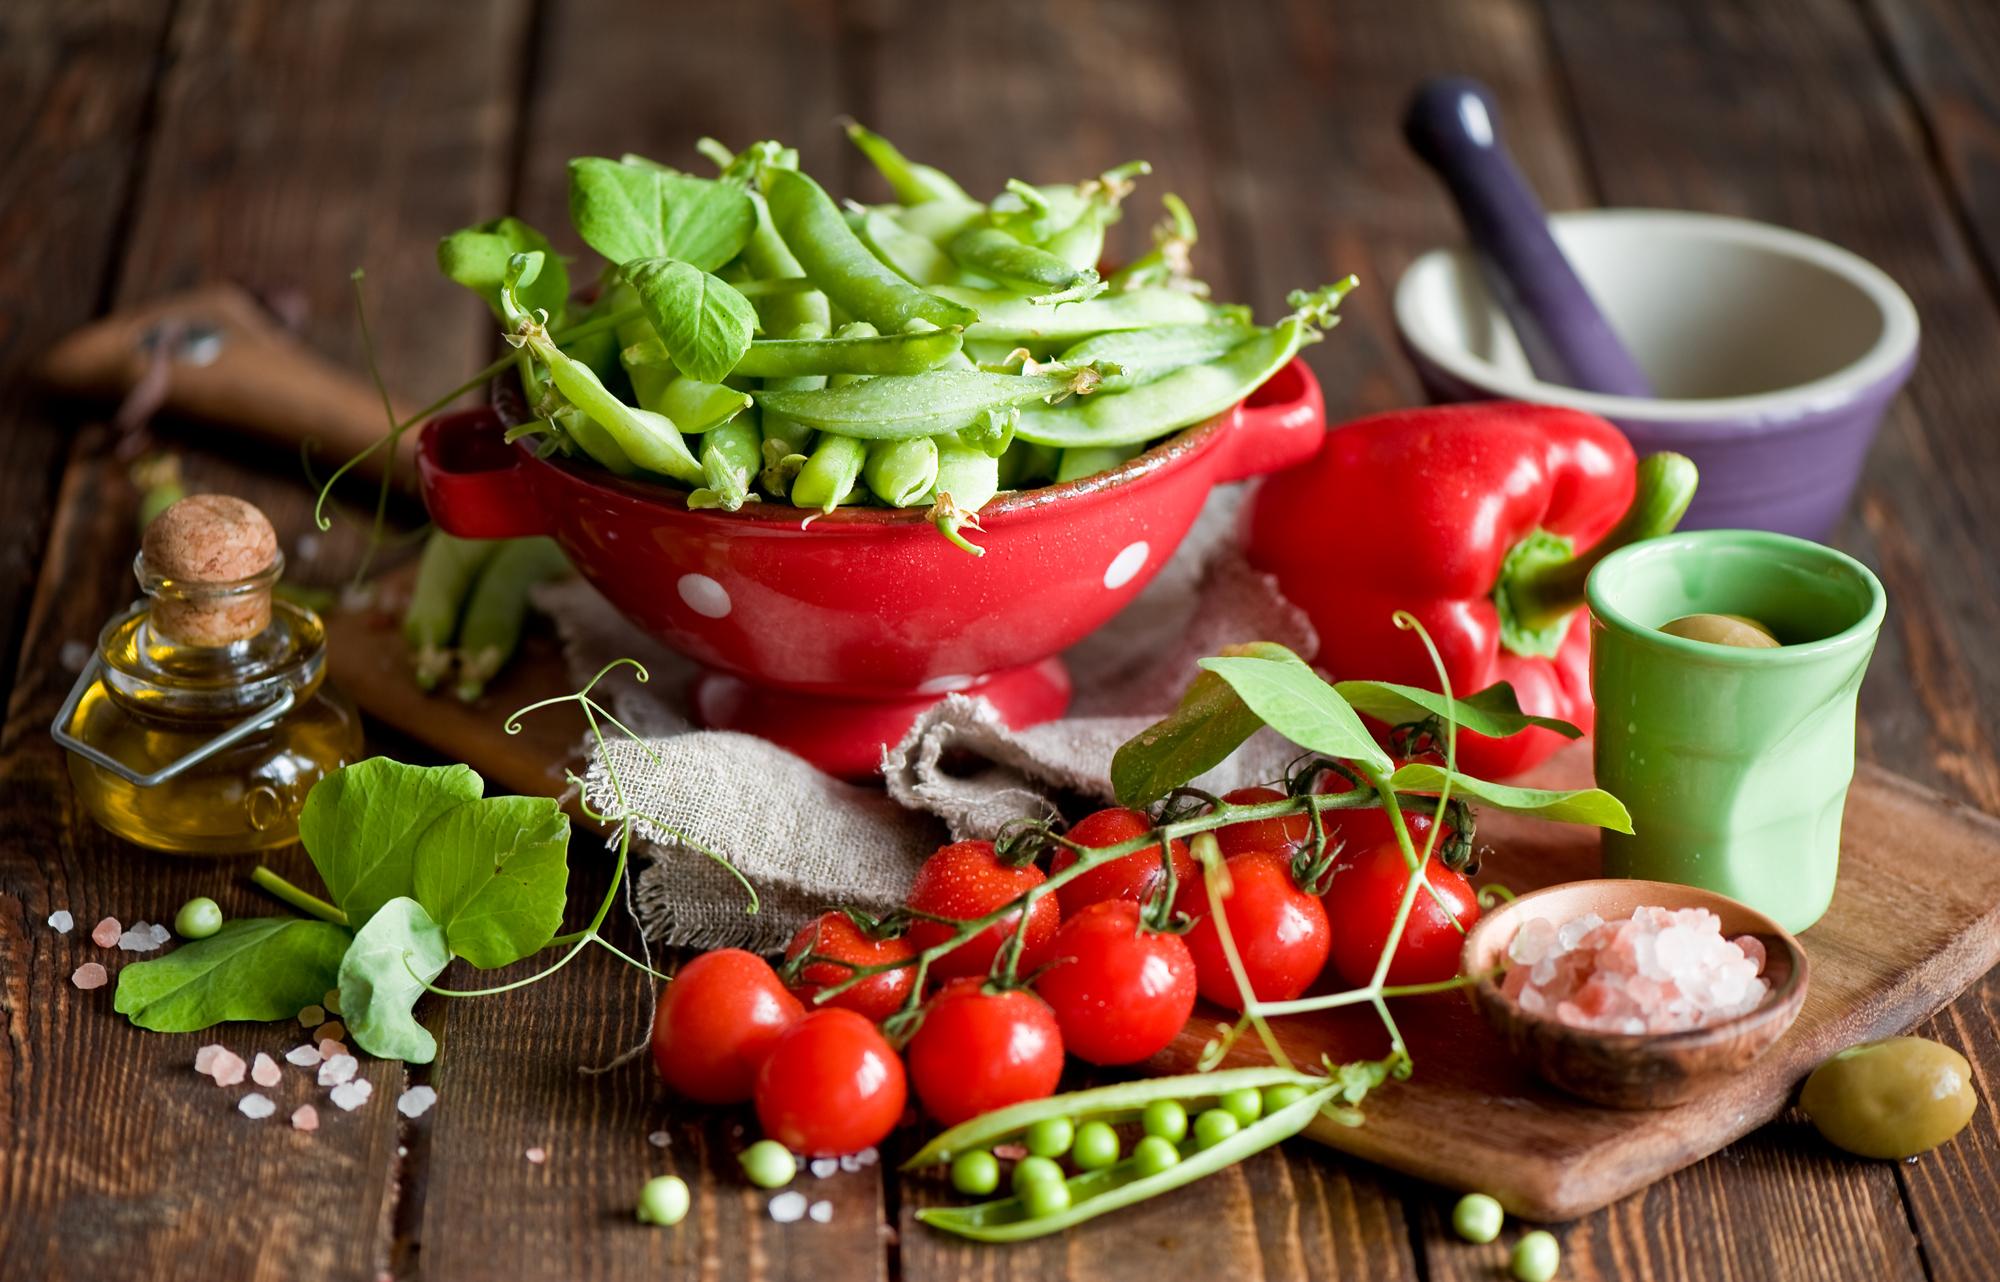 борщ помидоры перец зелень  № 2926322 без смс